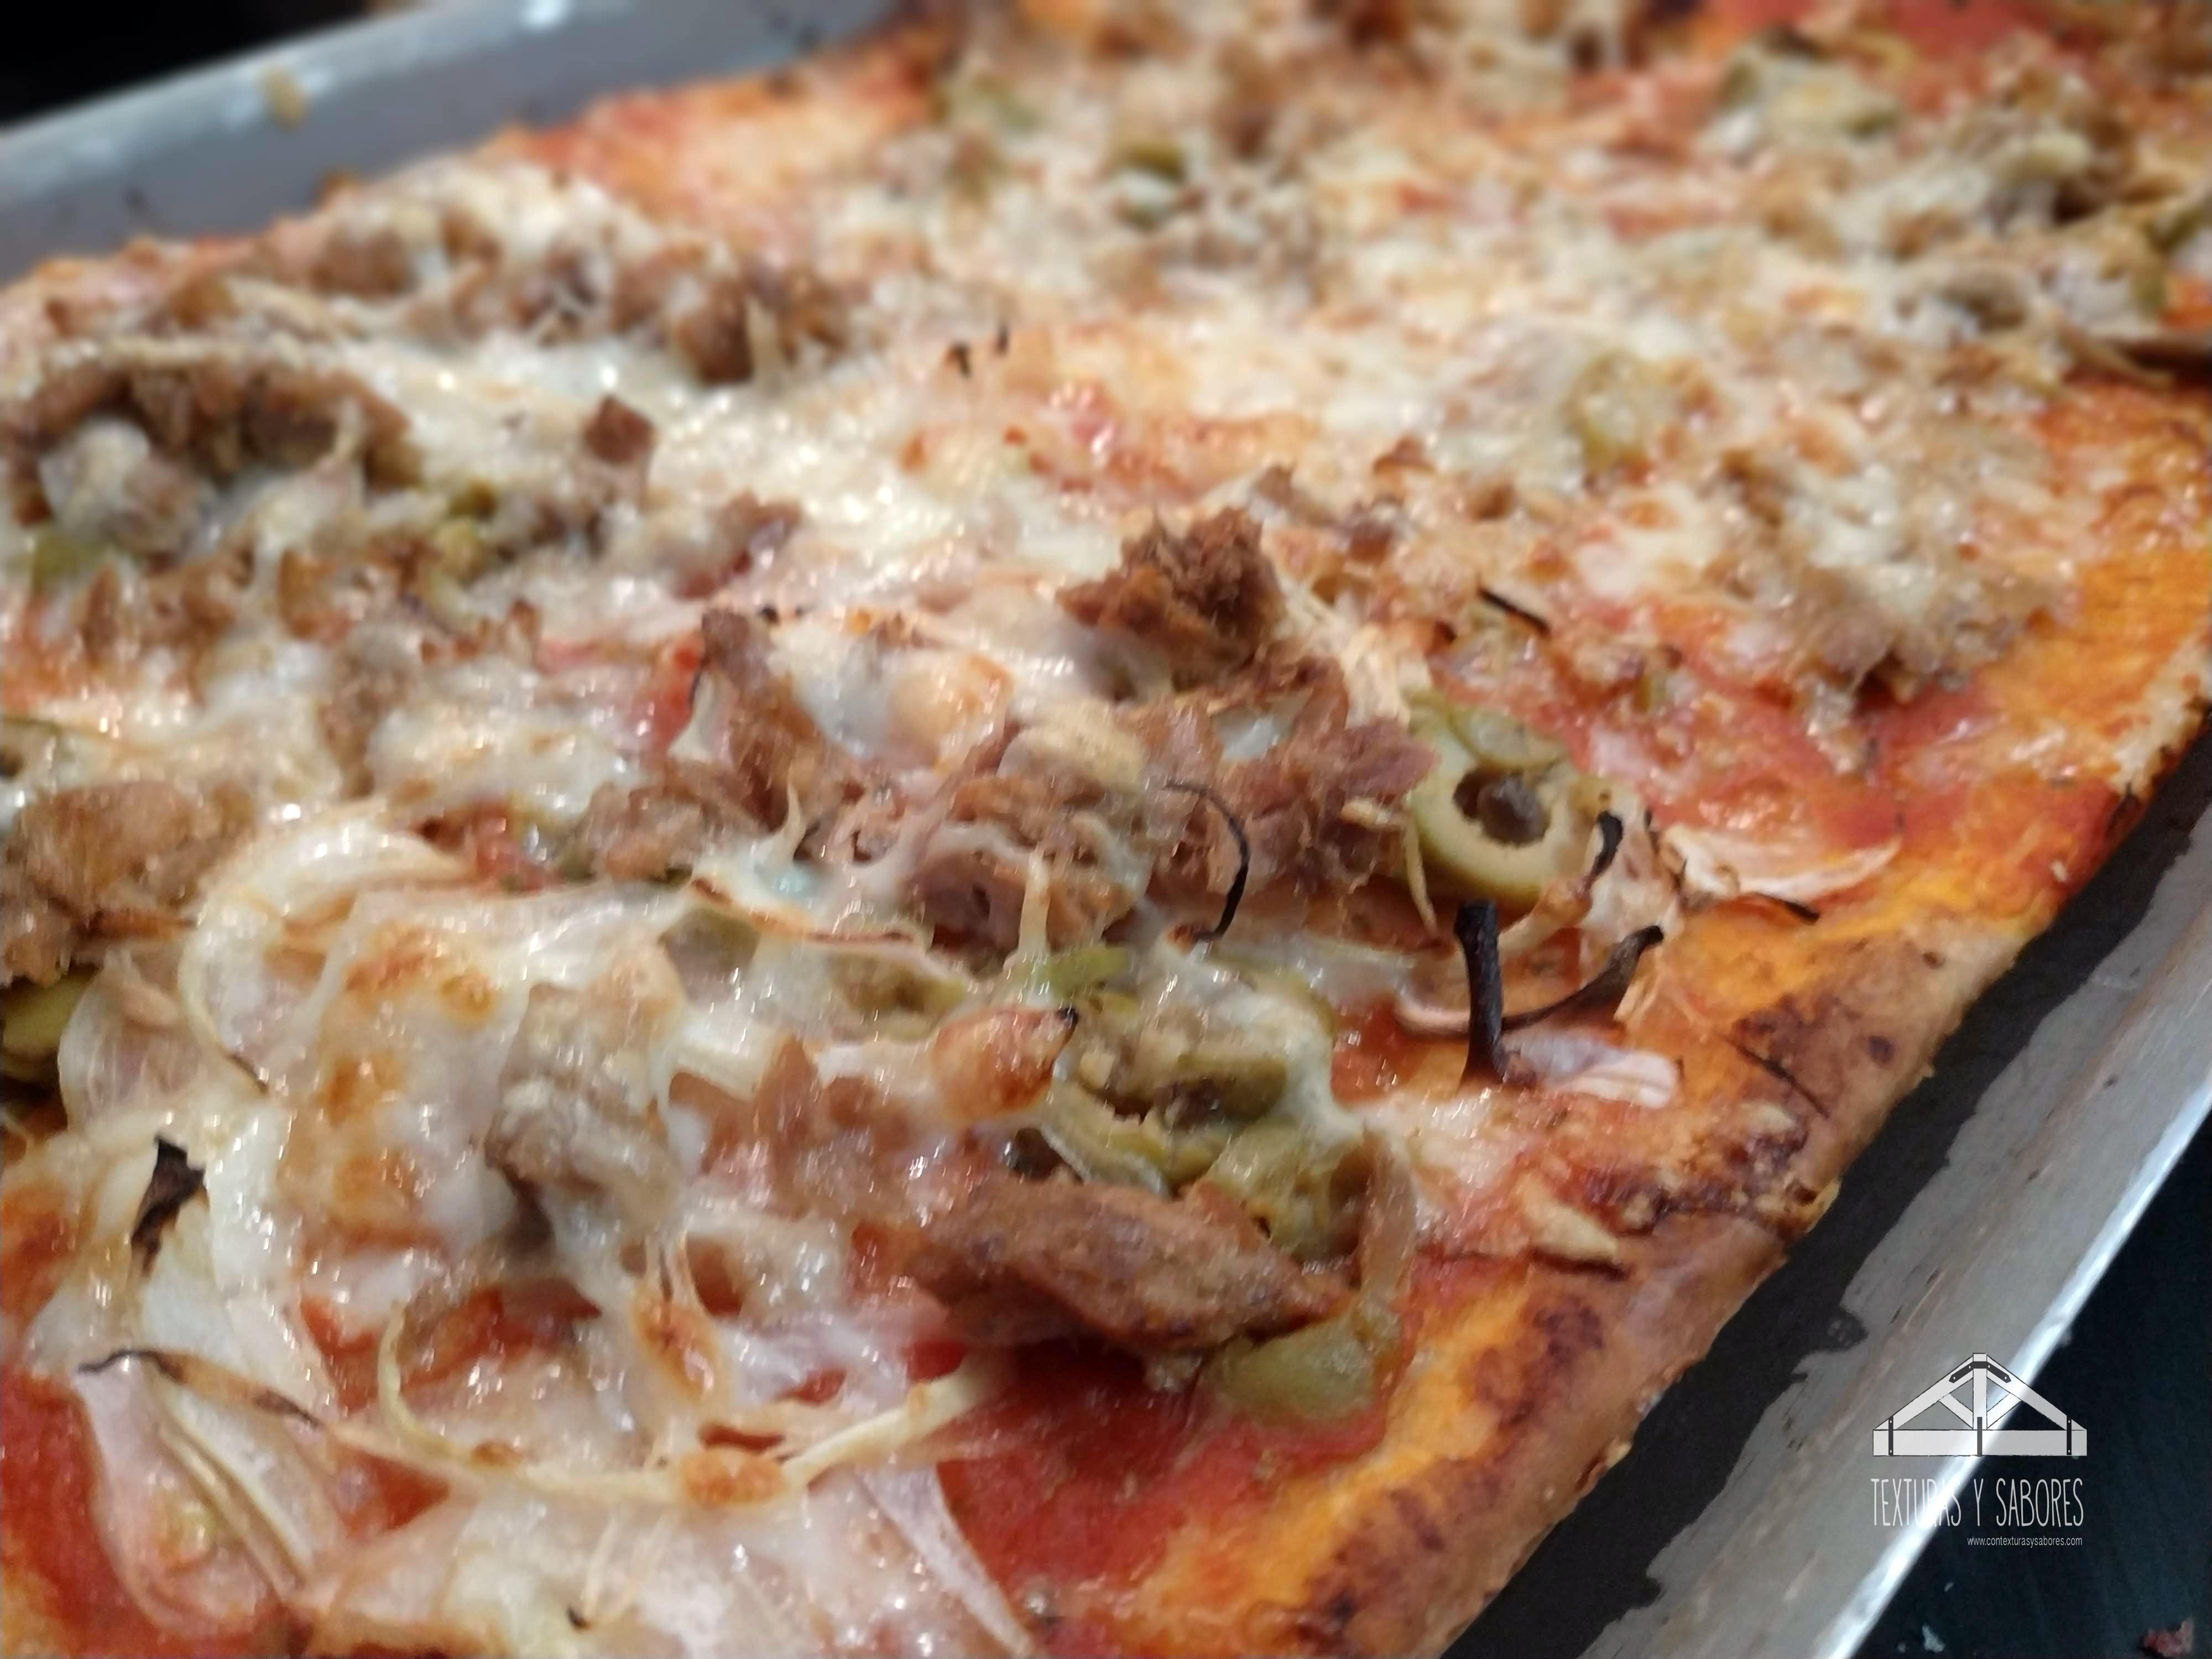 pizza de bruno oteiza de cebolla